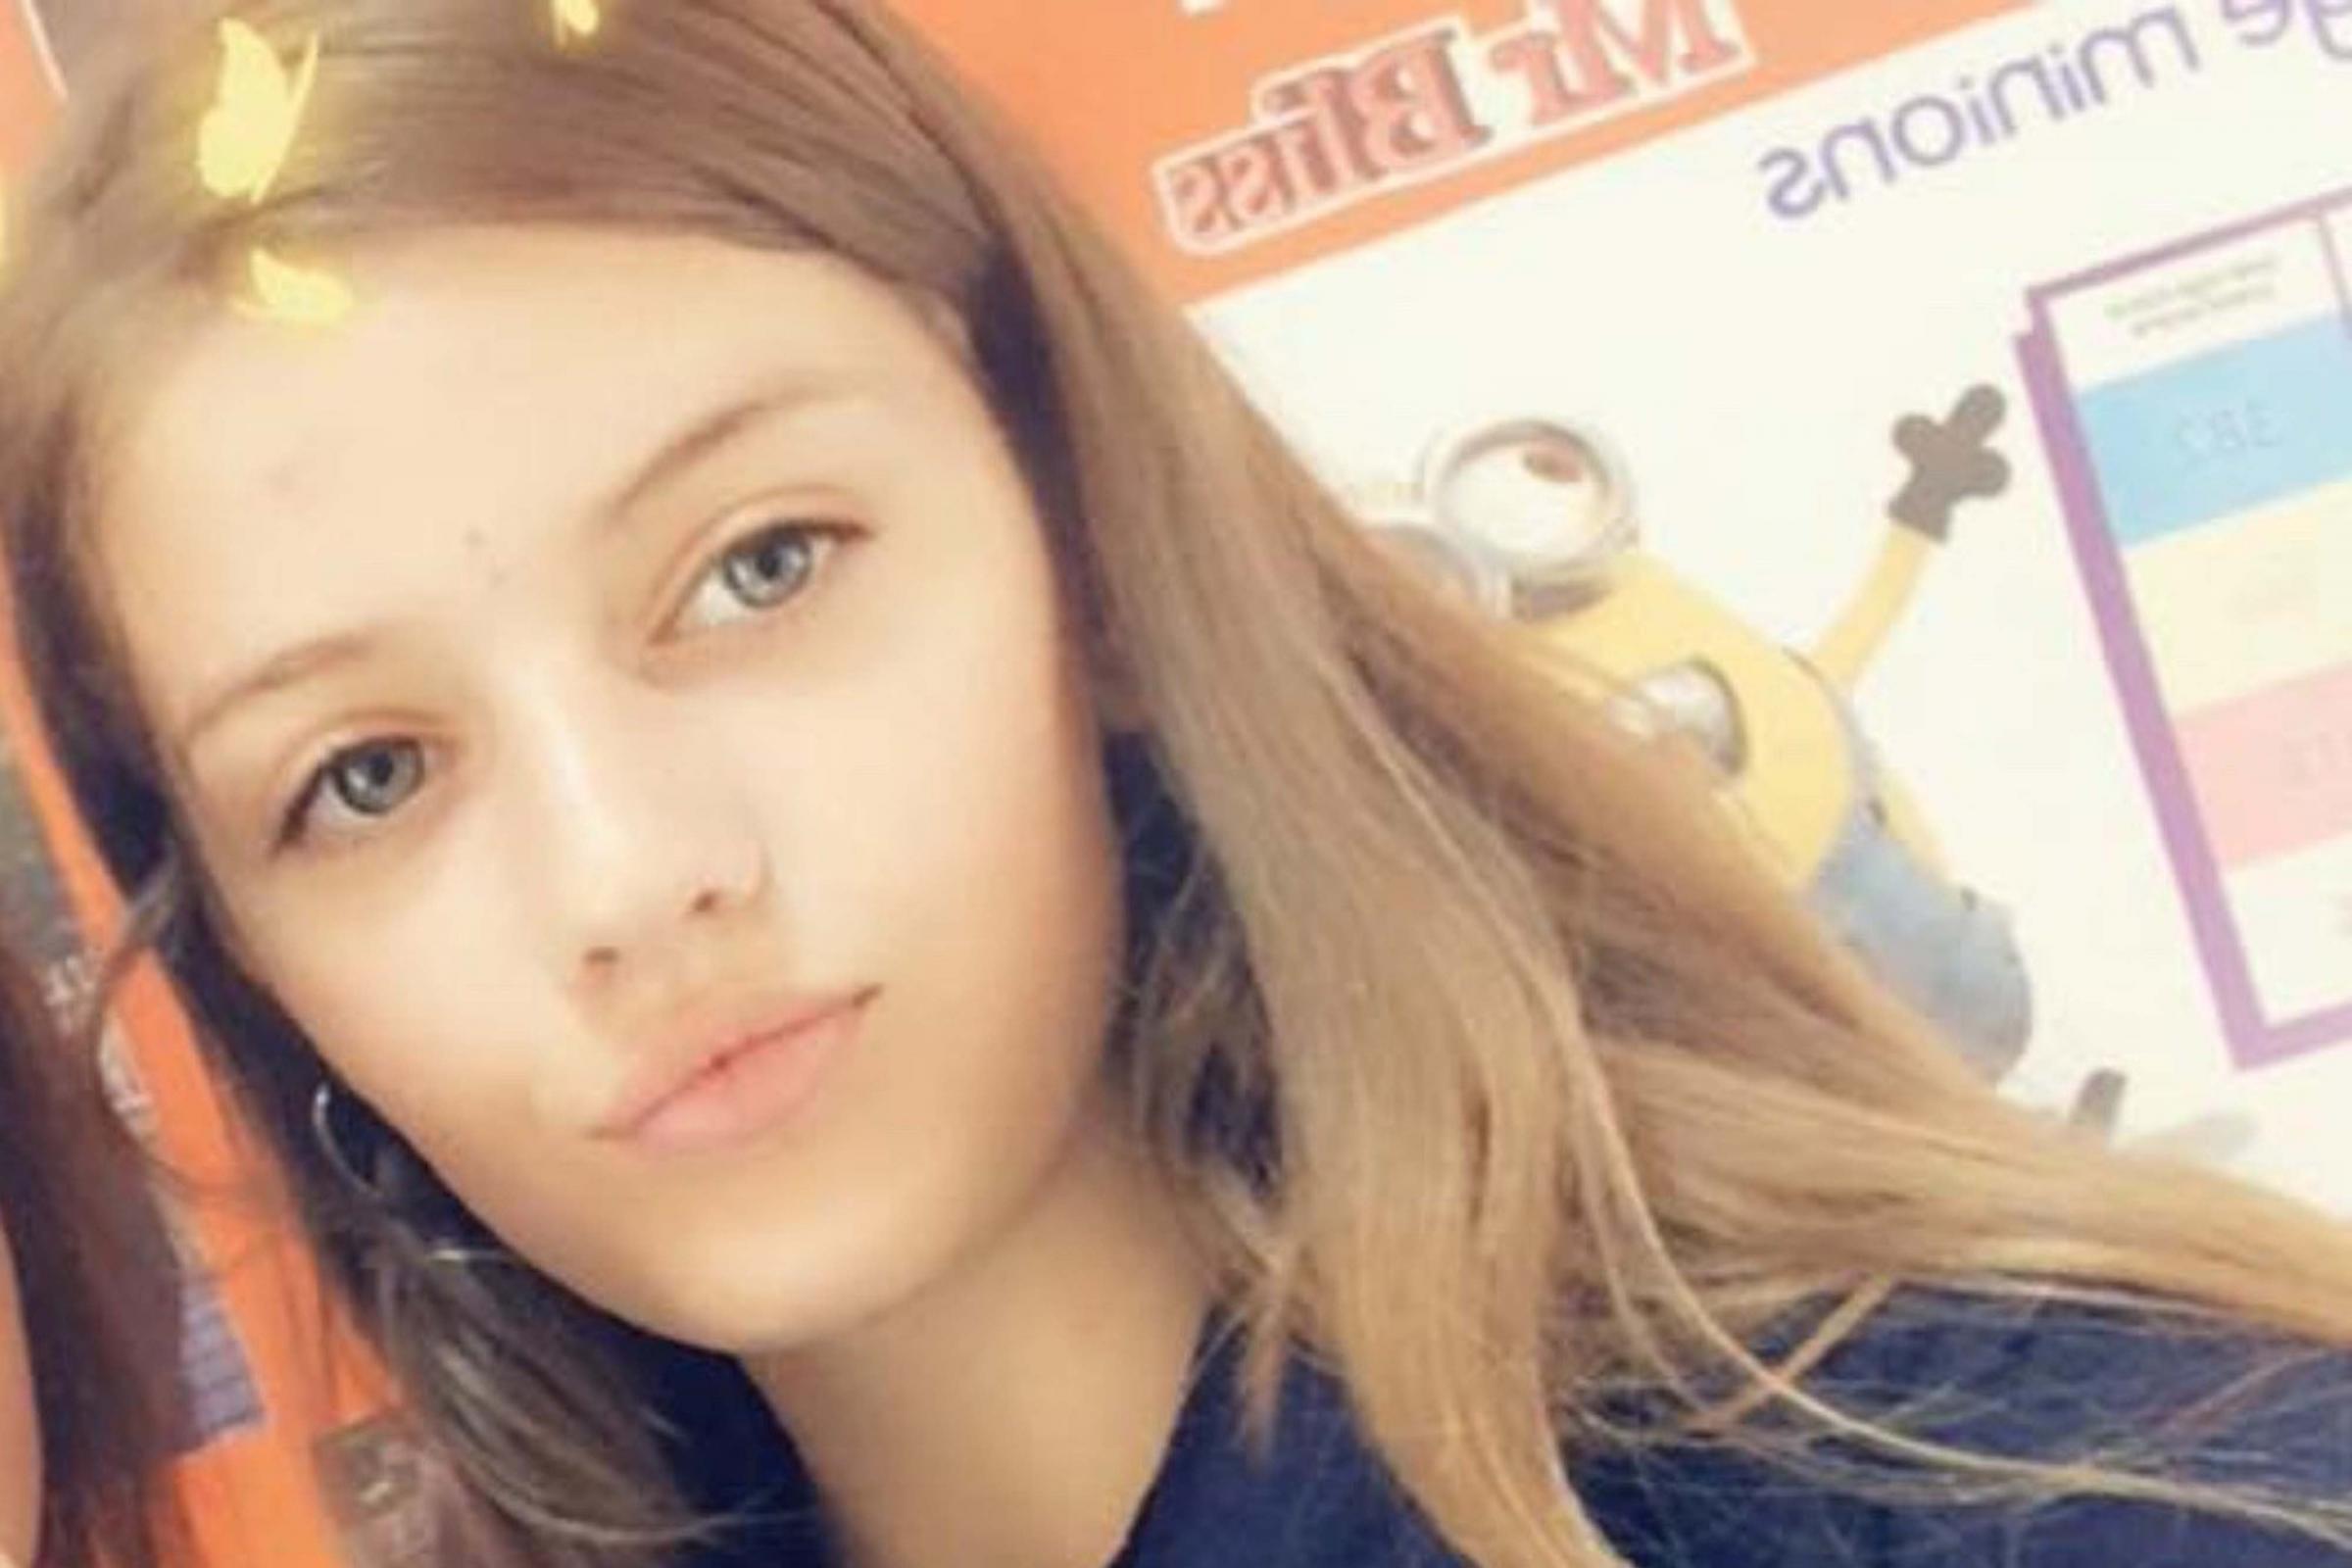 男子被控谋杀女学生Lucy McHugh,13岁